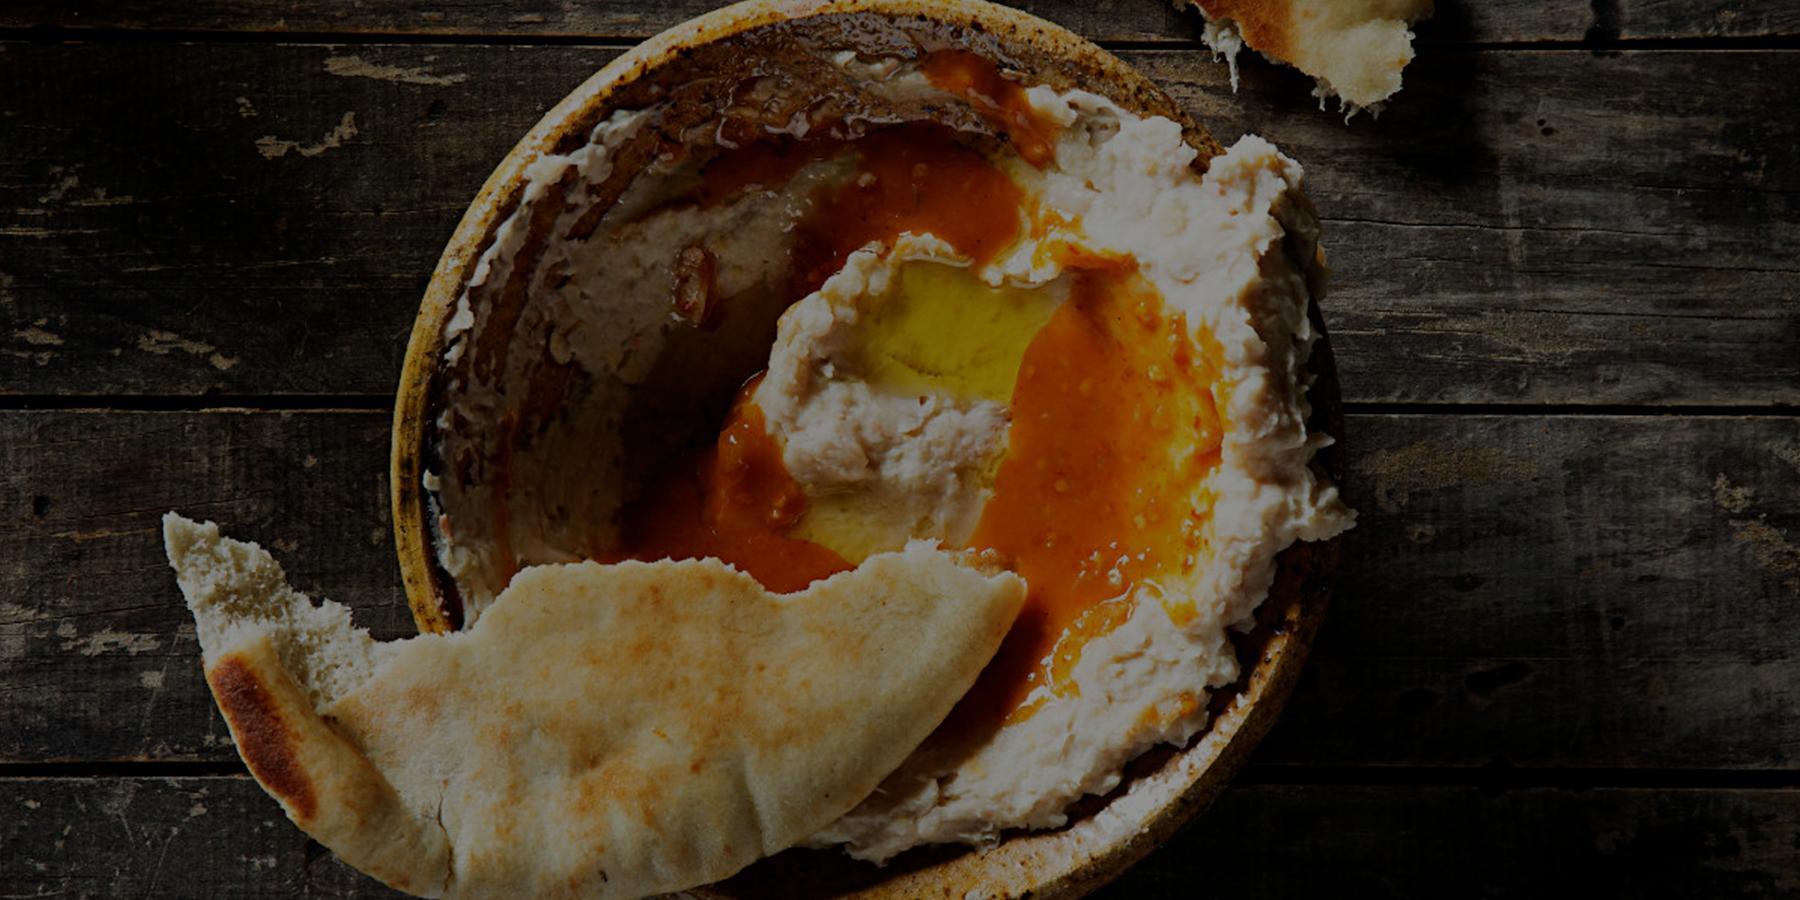 PERi-PERi Hummus